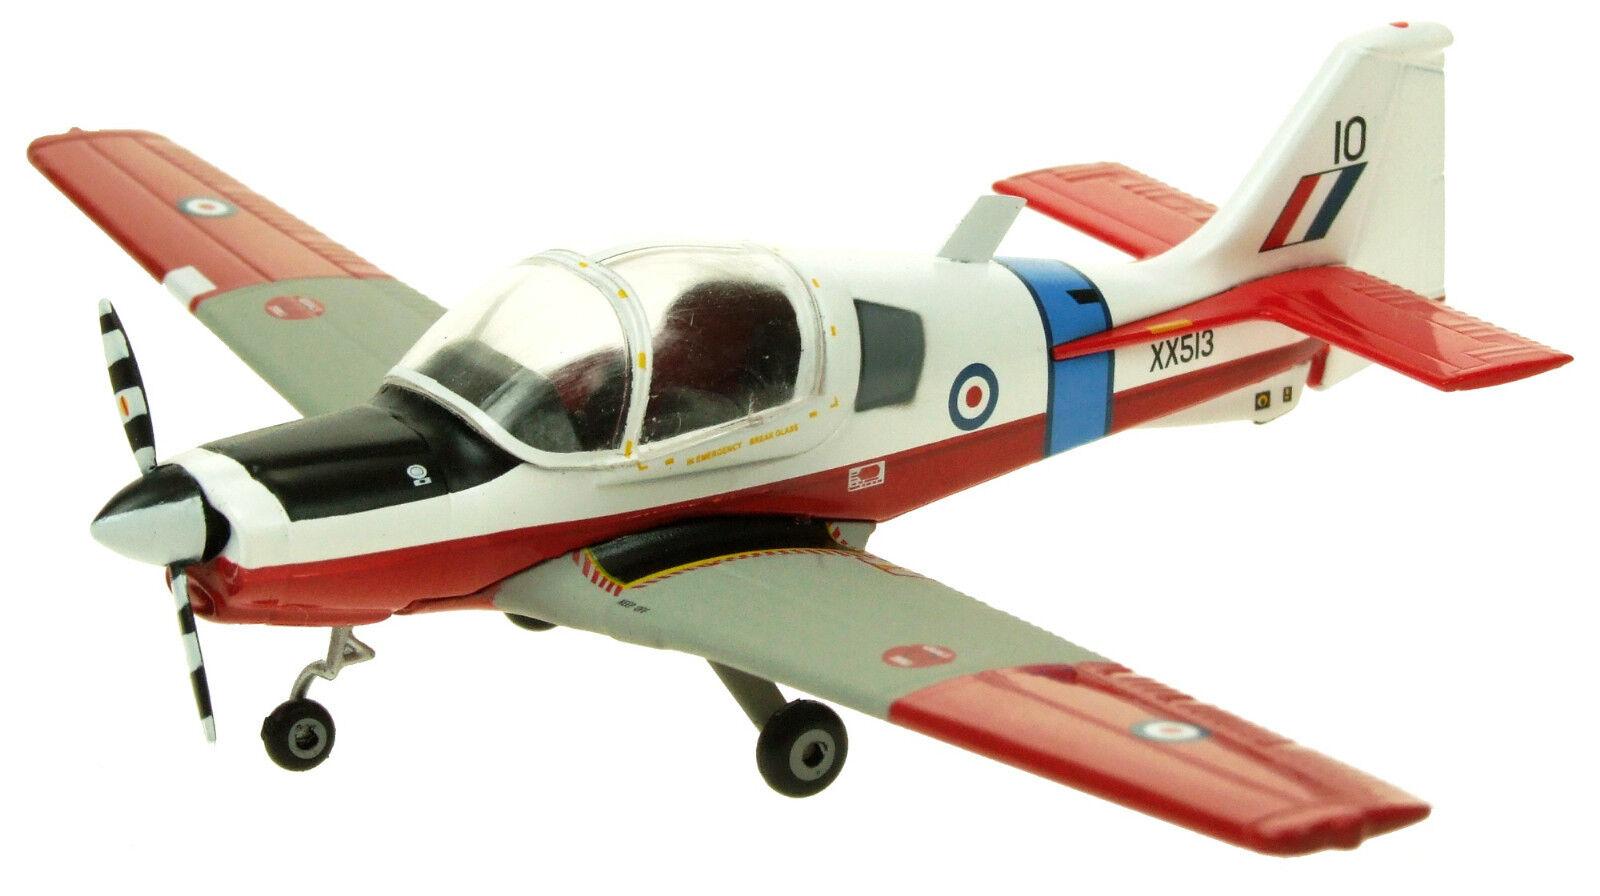 AVIATION72 AV7225005 1 72 SCOTTISH AVIATION BULLDOG BASIC RAF TRAINER XX513 NEW